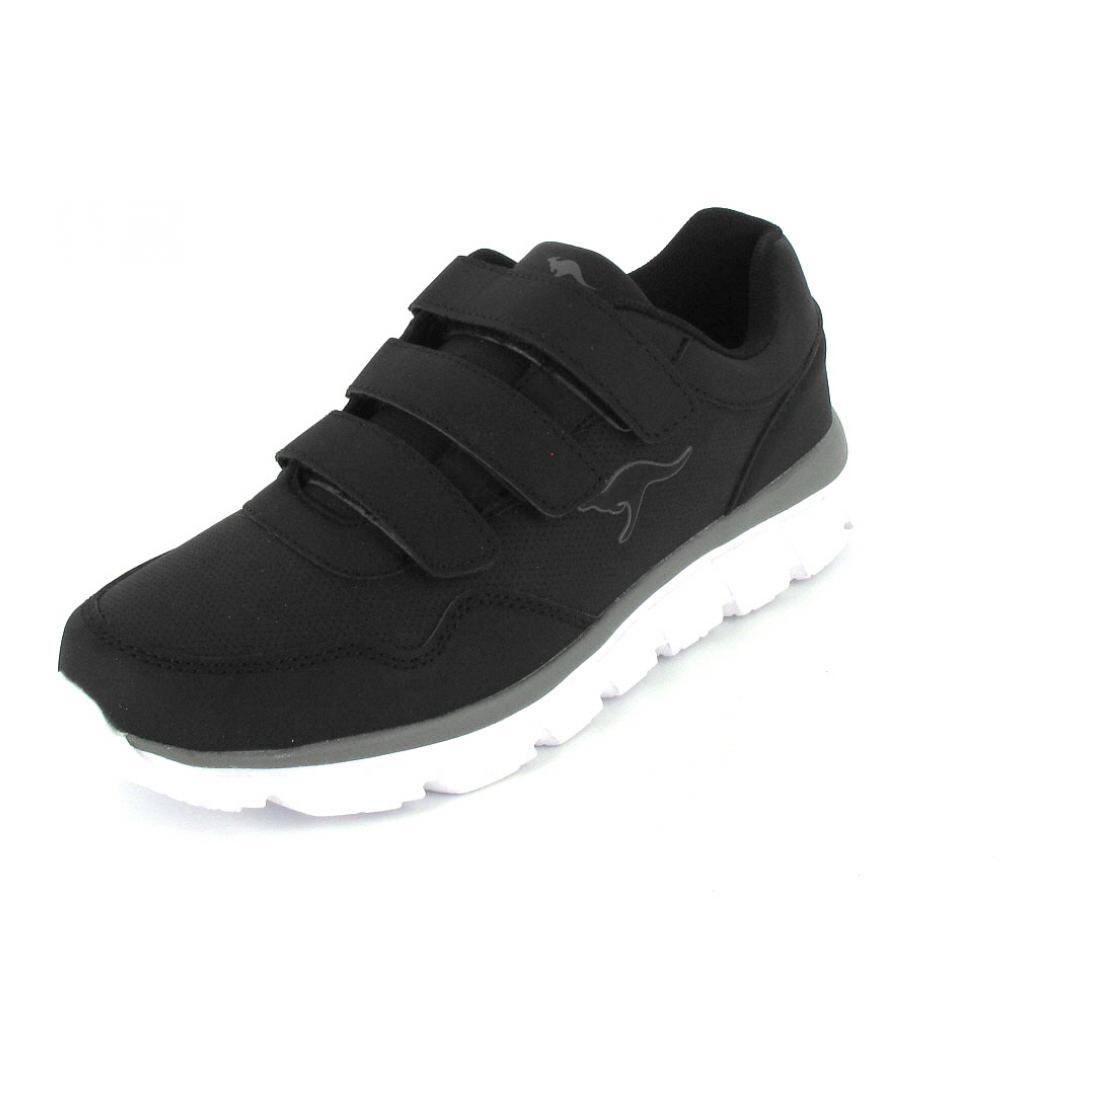 KangaRoos Sneaker KR-Cali V